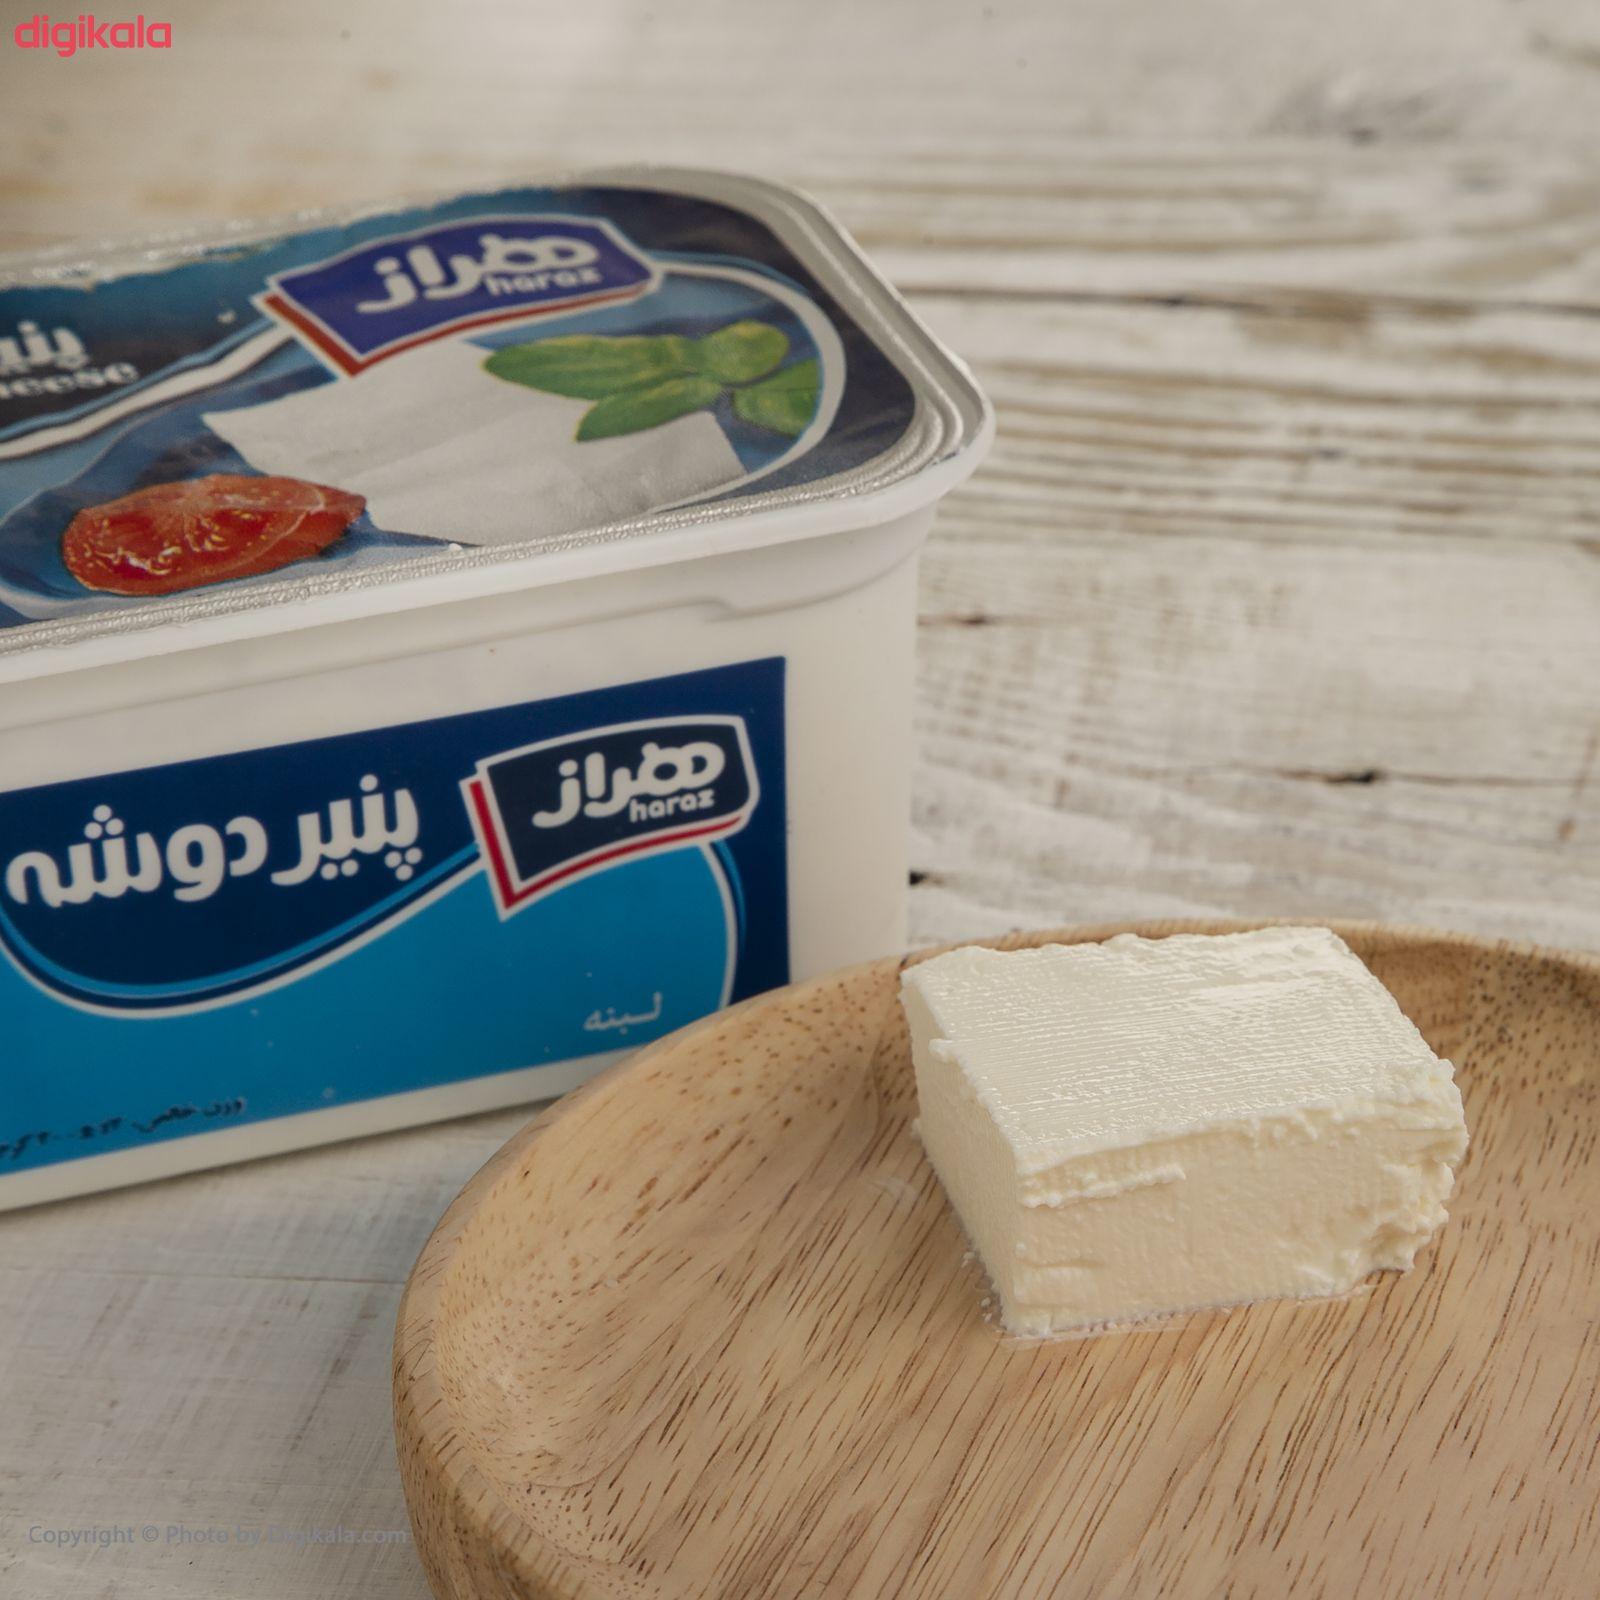 پنیر فتا دوشه هراز مقدار 400 گرم main 1 7